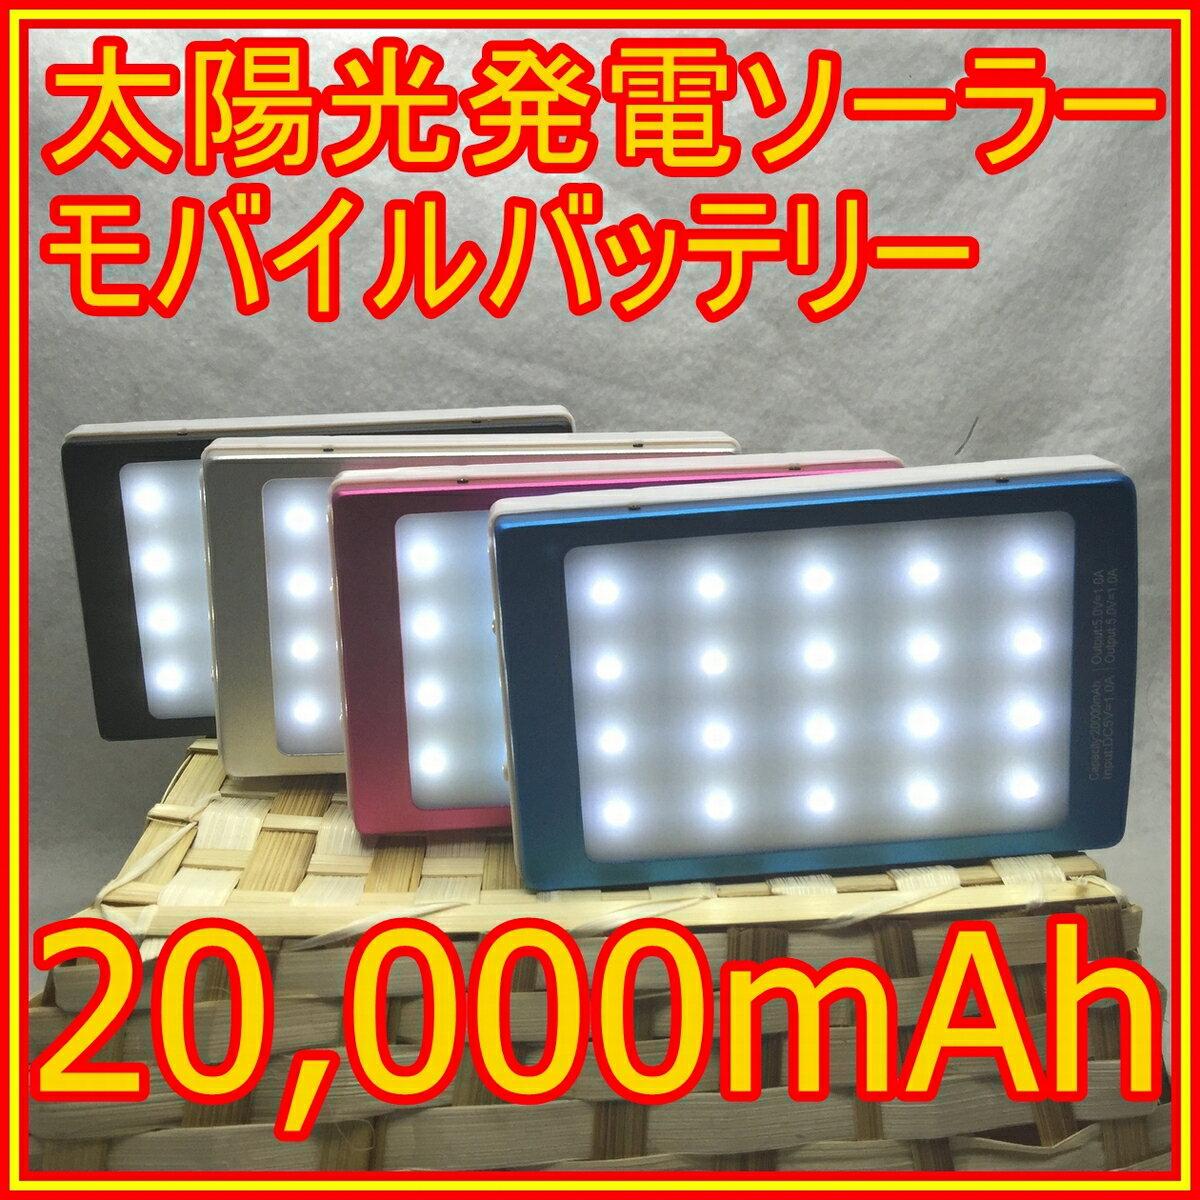 ソーラー20000mAhモバイルバッテリー太陽光発電ライト付2台同時充電可4色 ブルー・ブラック・シルバー・レッド太陽光発電20LEDポケモンGOiPhone